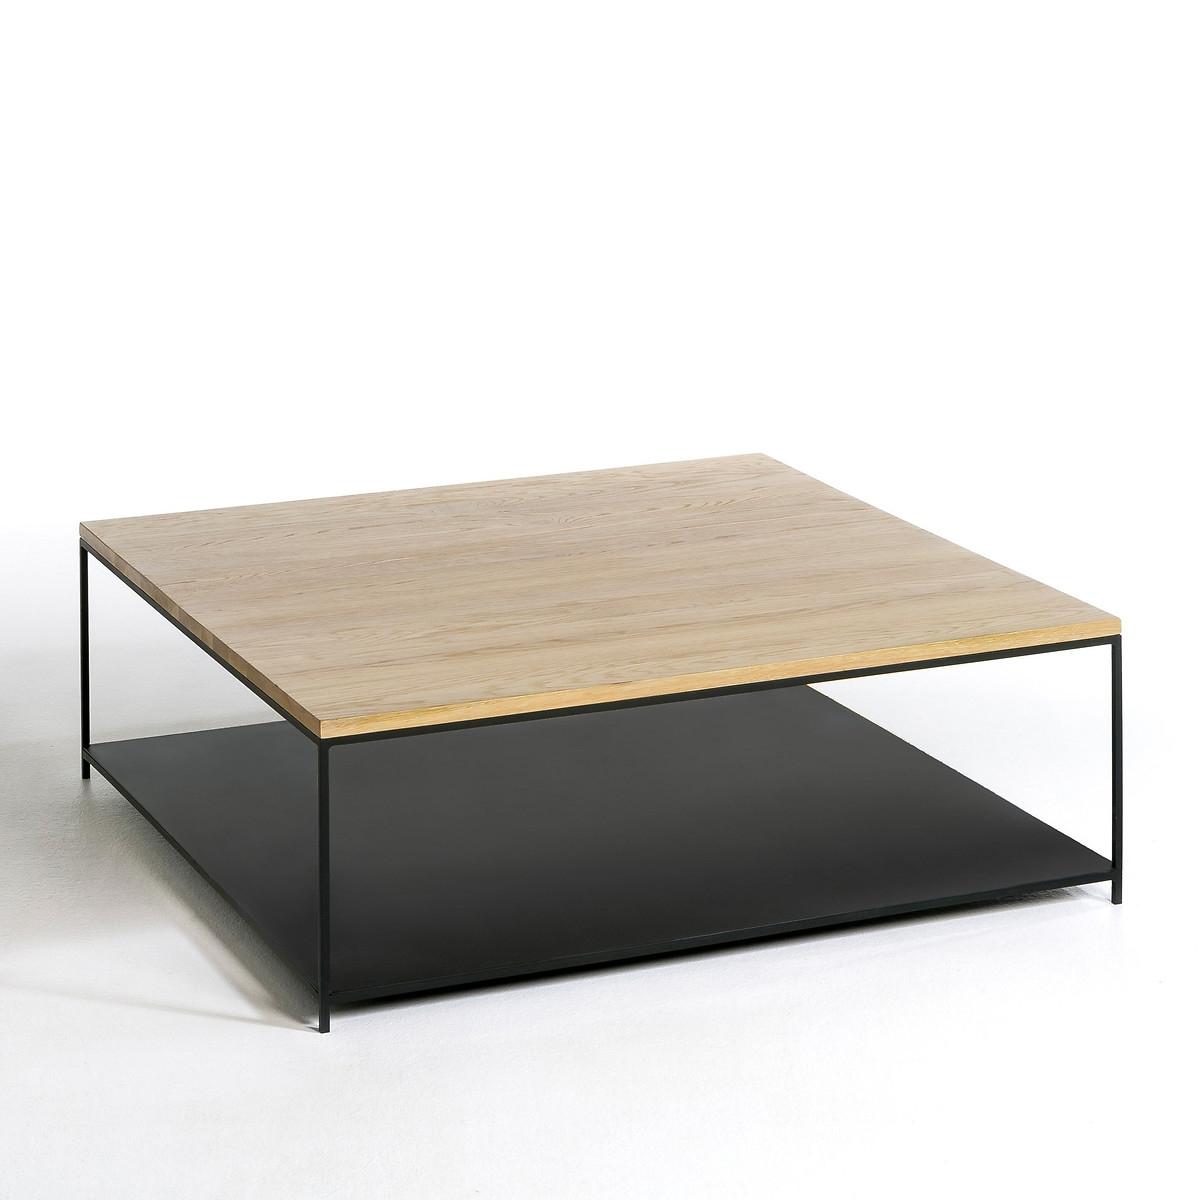 Квадратный LaRedoute Журнальный столик Aranza единый размер каштановый столик laredoute журнальный из дуба покрытого олифой adelita единый размер каштановый